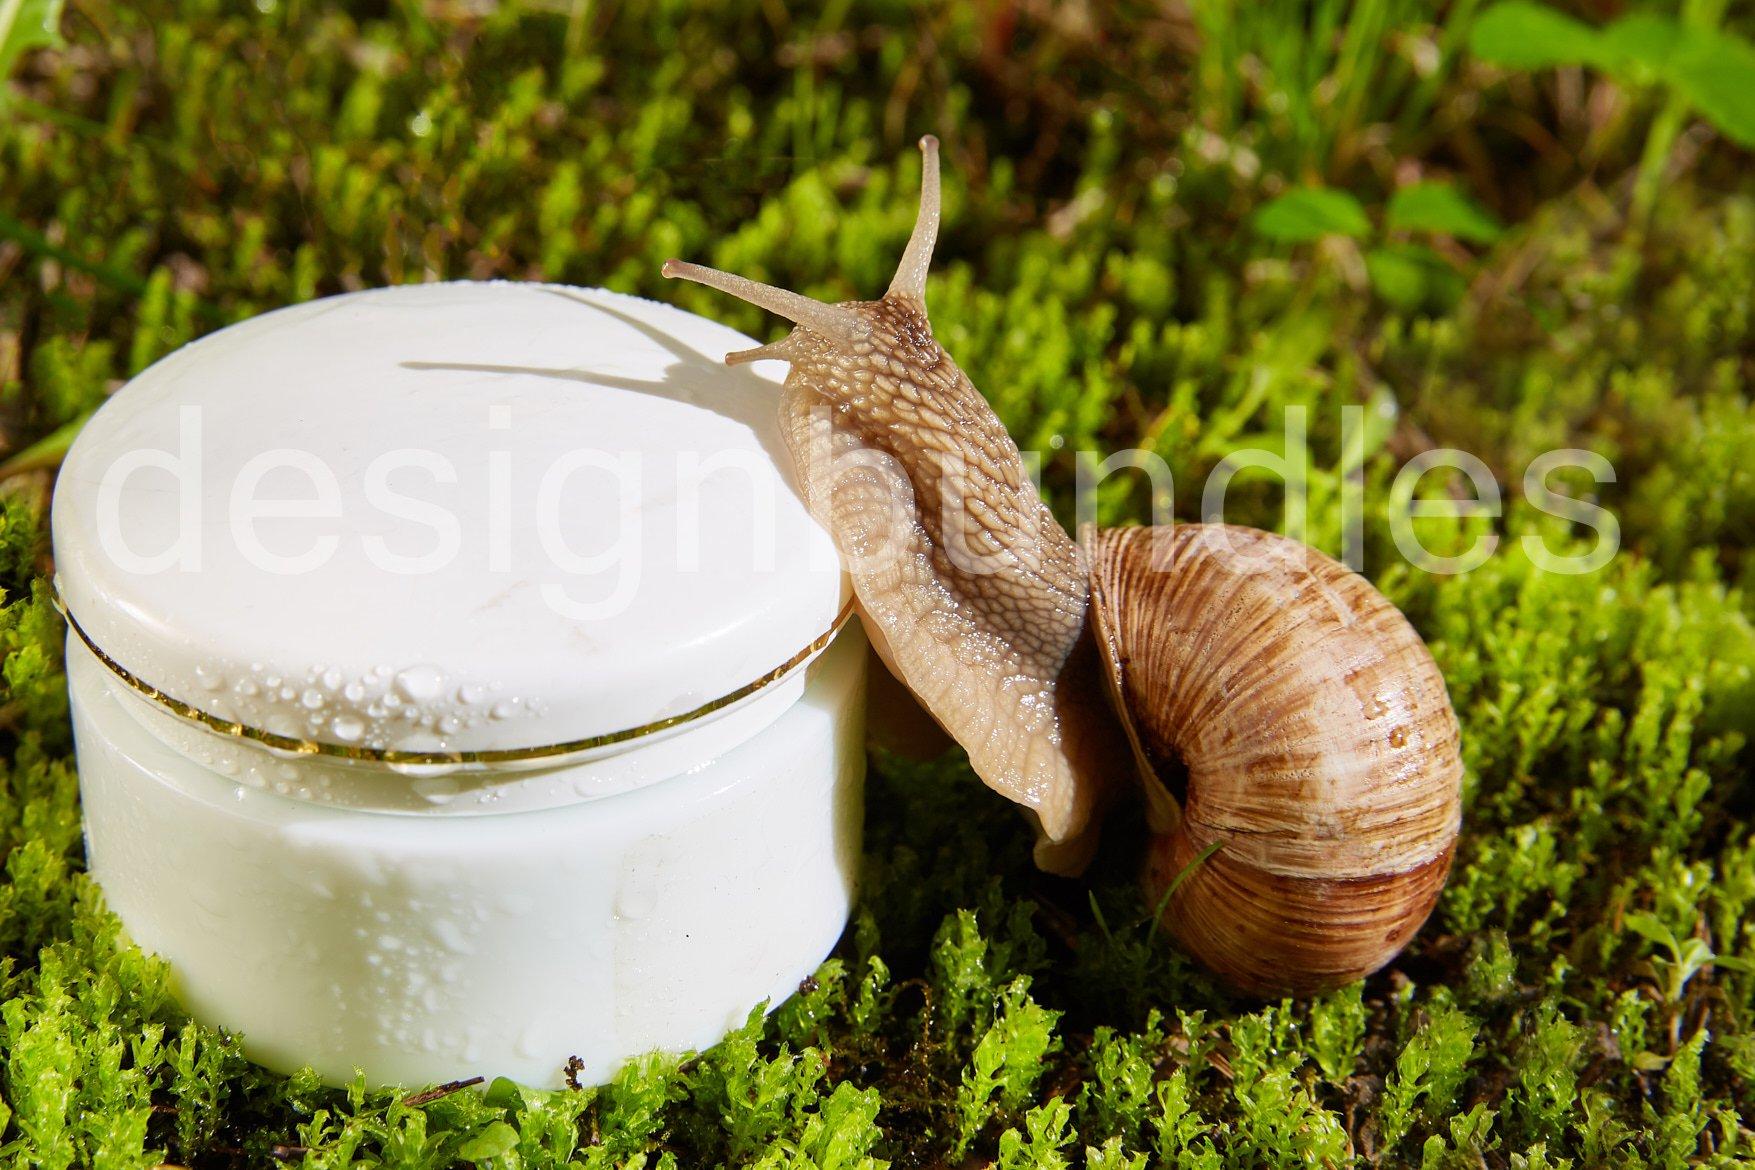 Helix pomatia, Burgundy snail example image 1